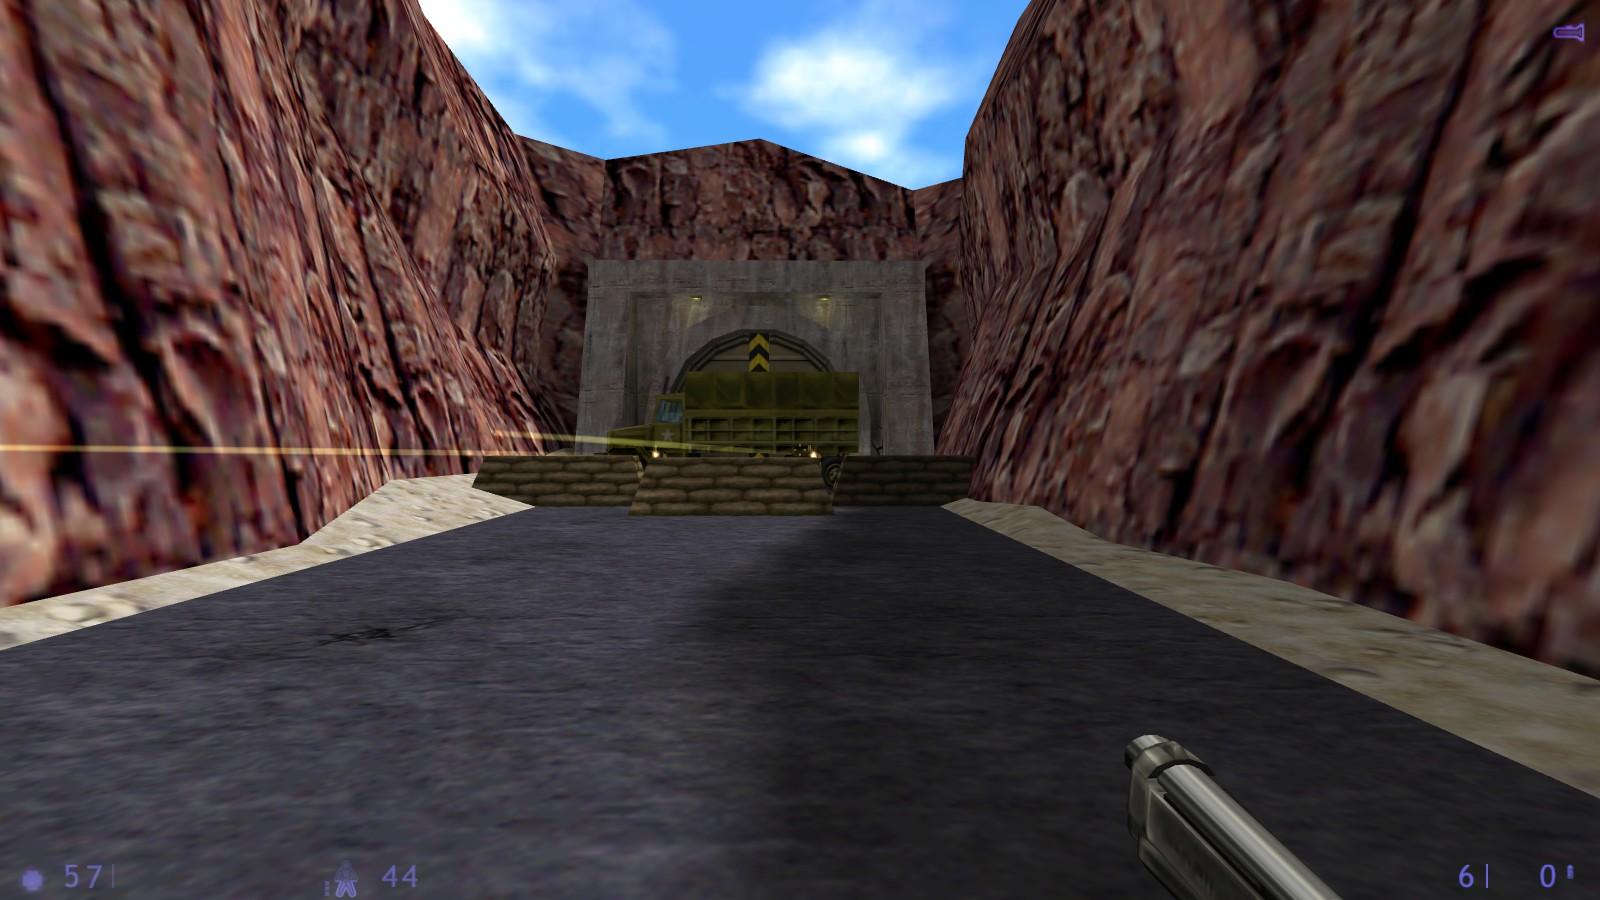 2014-11-15_00019.jpg - Half-Life